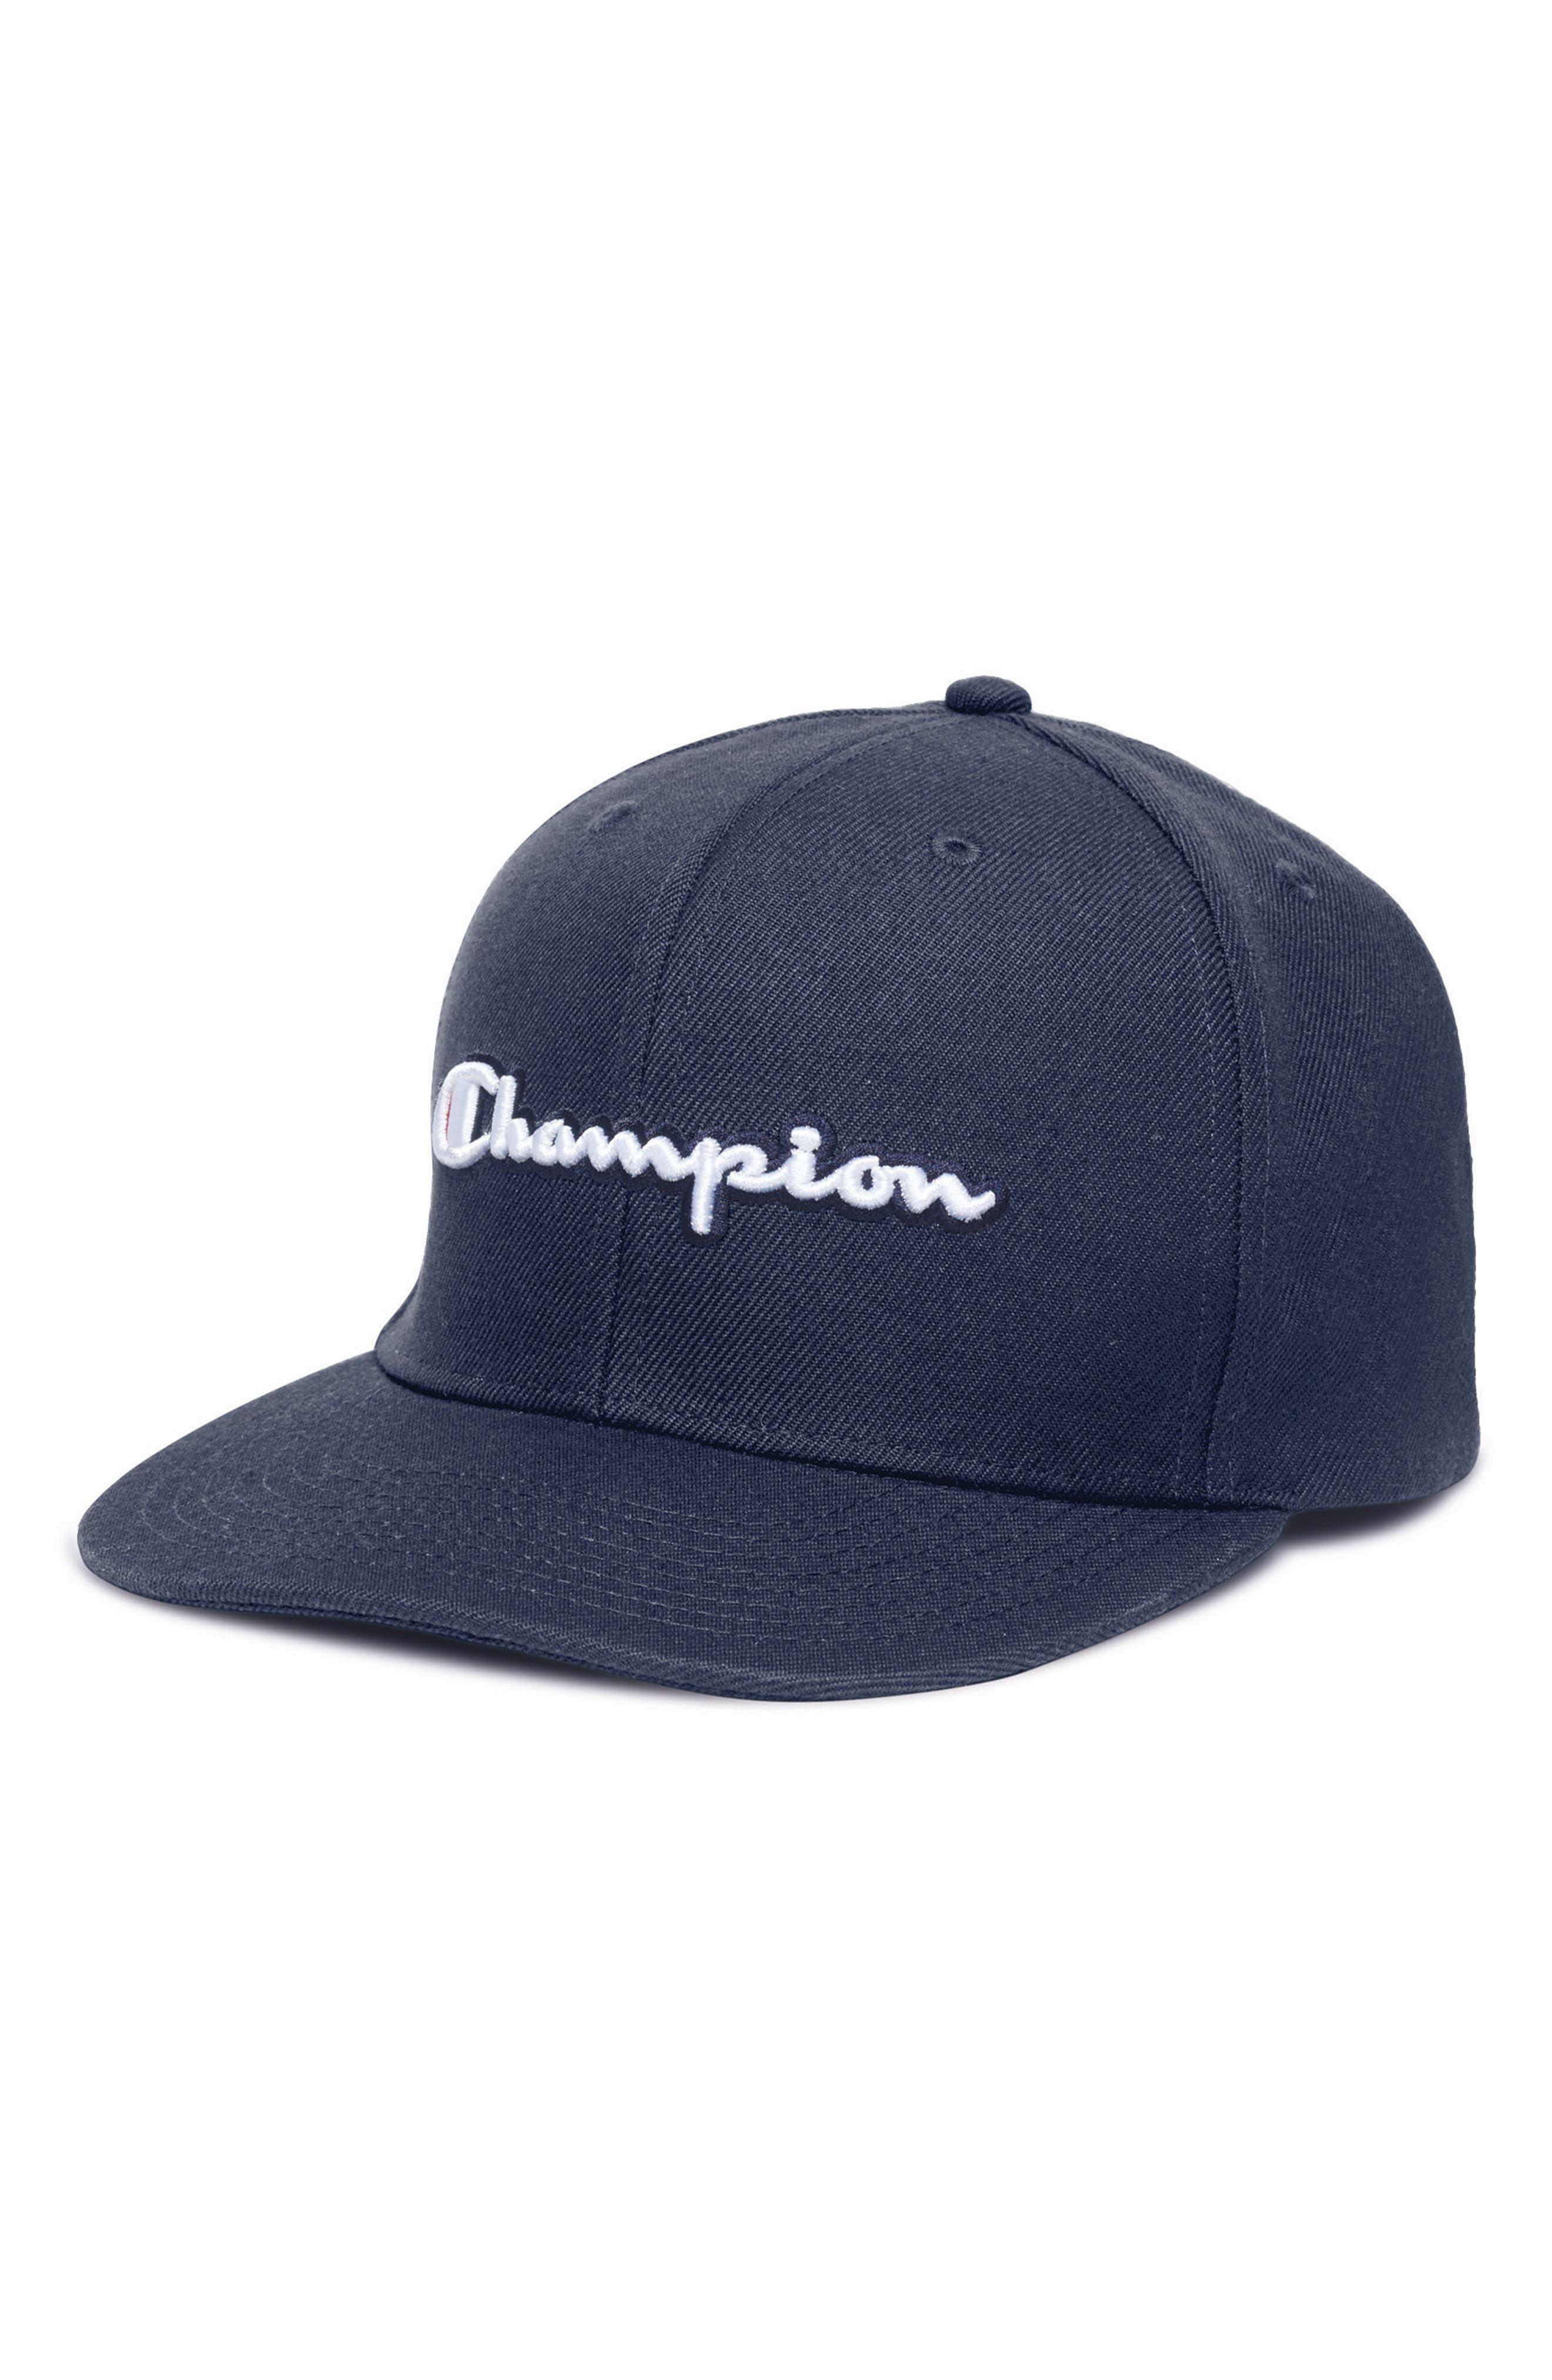 bb8d92f1a4dbd Hats Champion Apparel